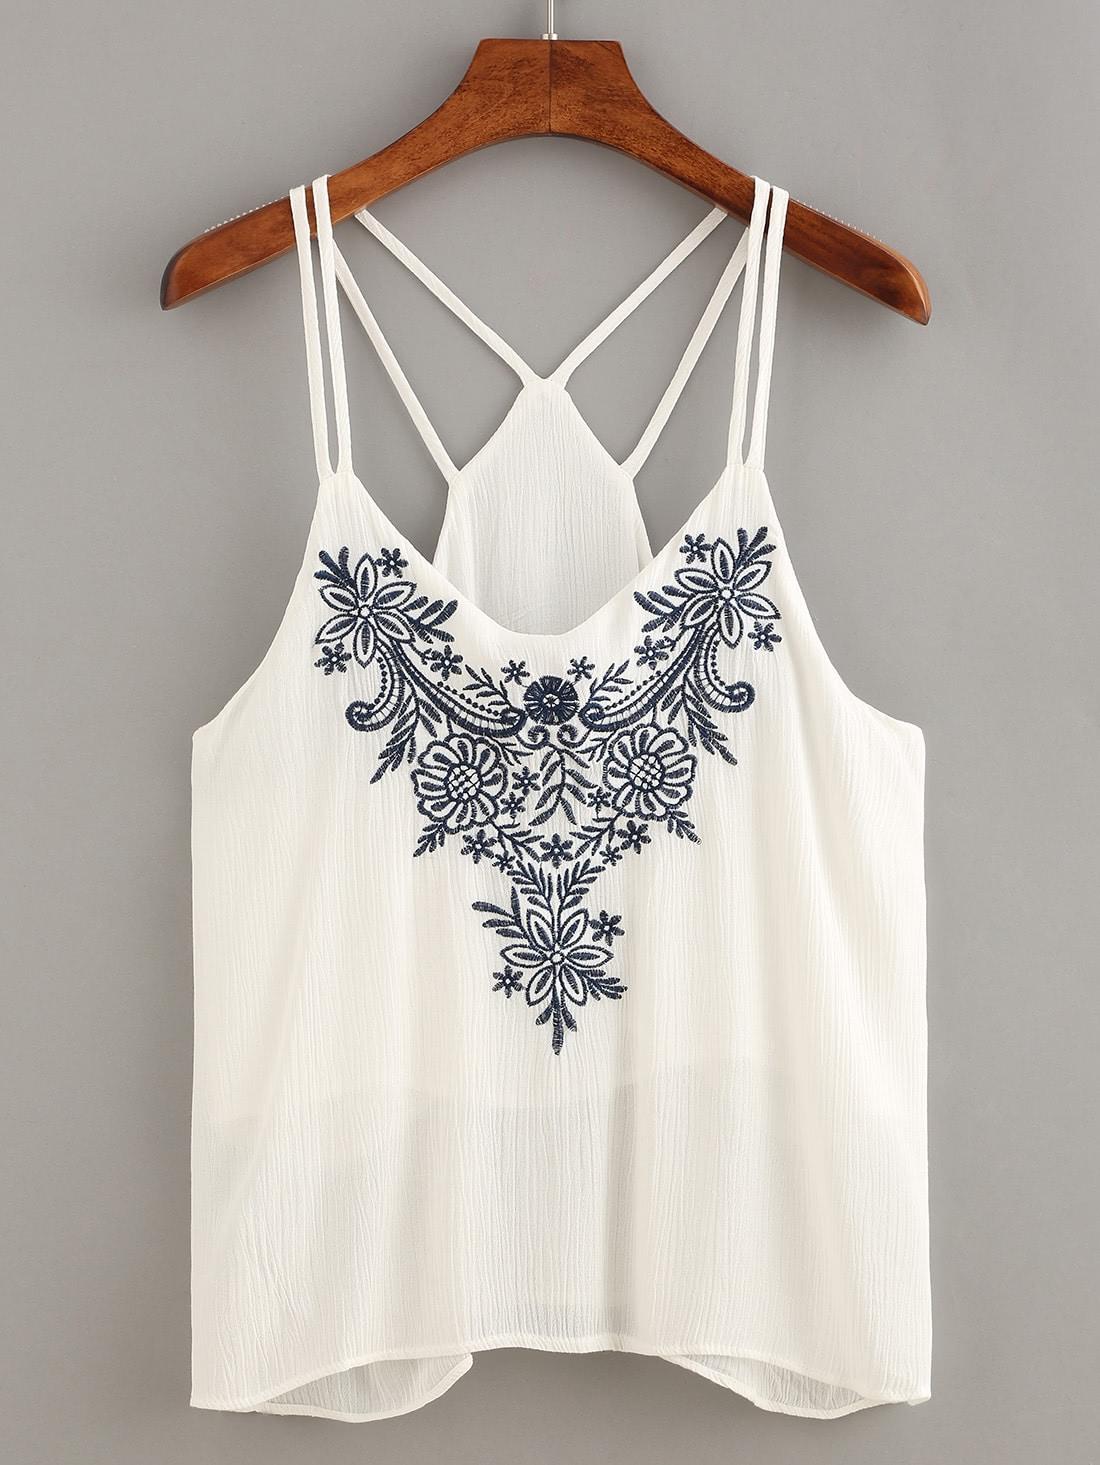 Купить Белый модный топ с вышивкой, null, SheIn